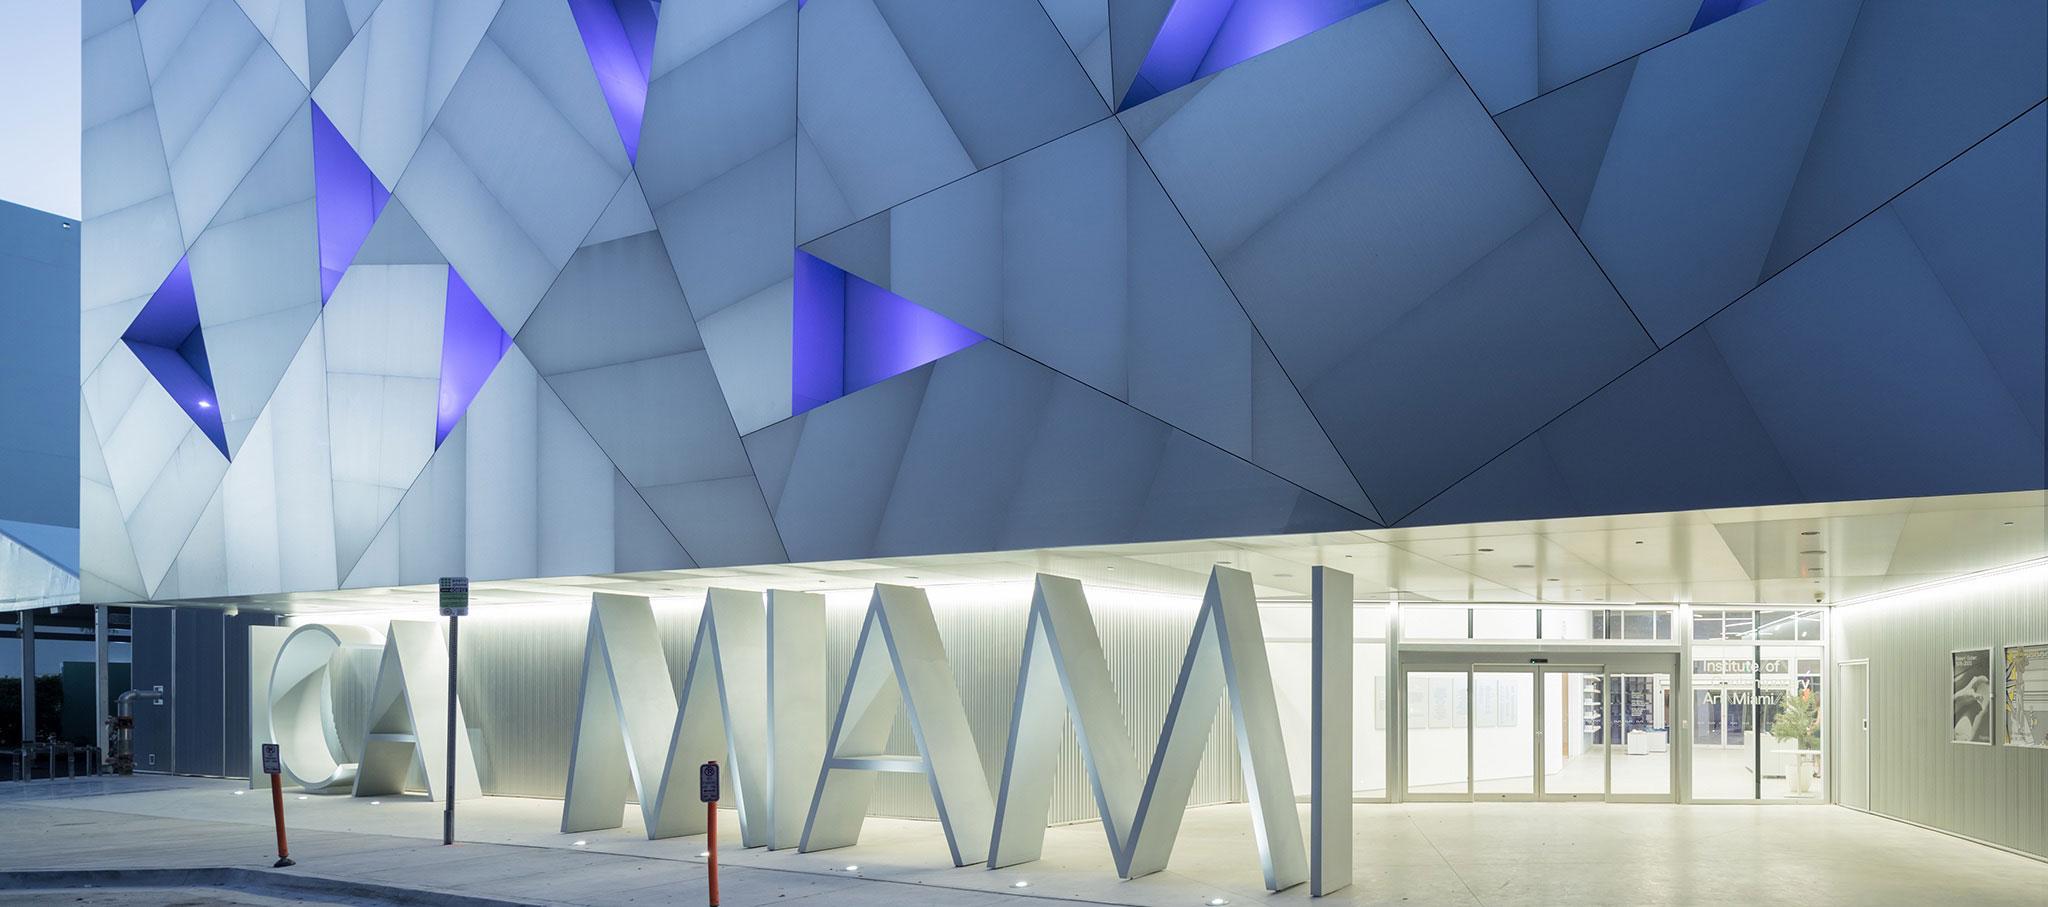 Vista nocturna exterior. Nueva sede de la Fundación ICA MIAMI por ARANGUREN + GALLEGOS Arquitectos. Fotografía © Iwan Baan